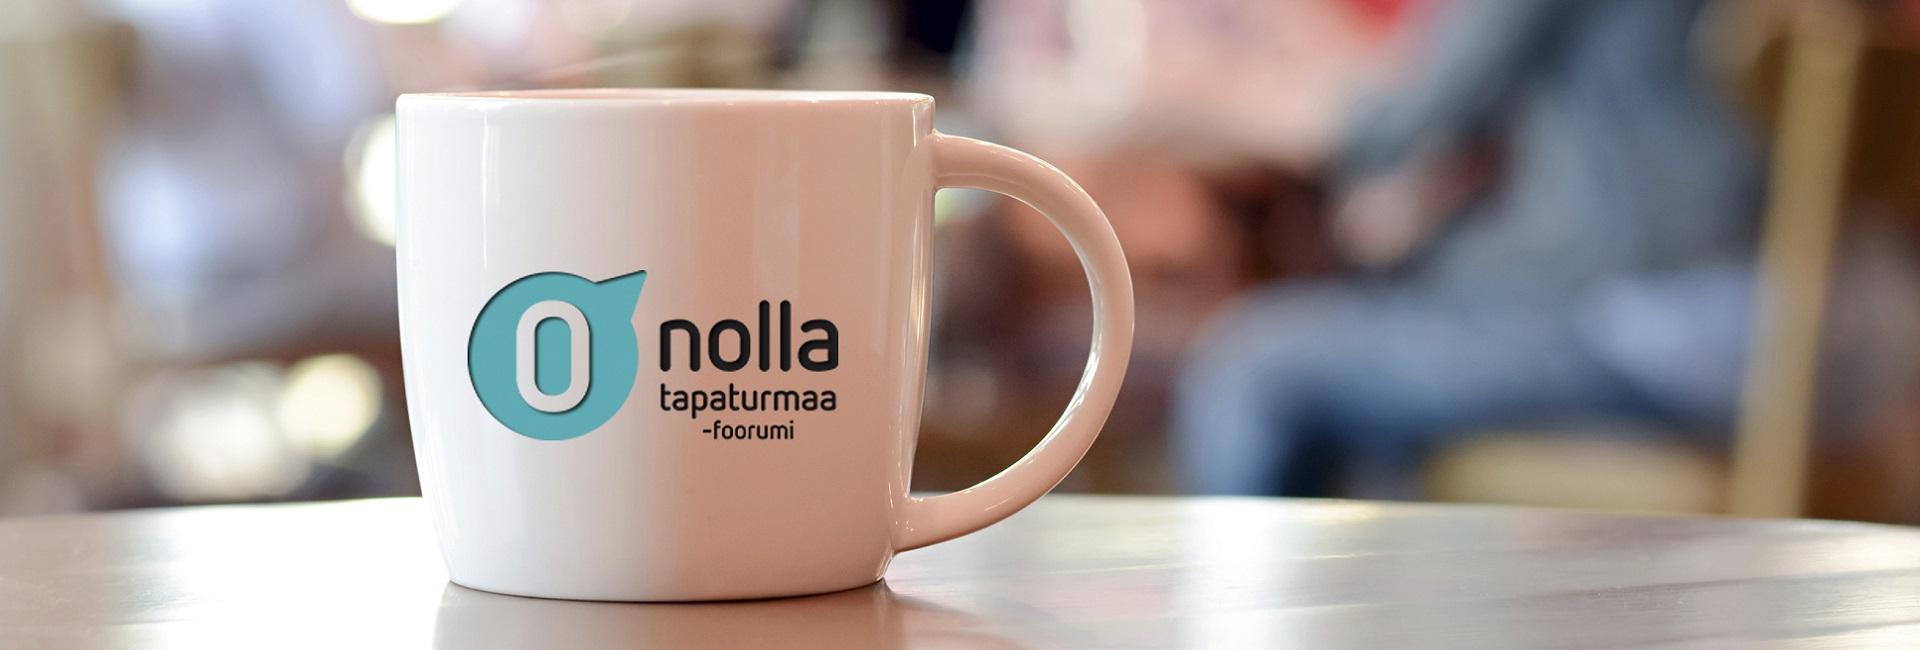 Nollis®-aamukahvit Kuopiossa 6.2. - ilmoittaudu mukaan!